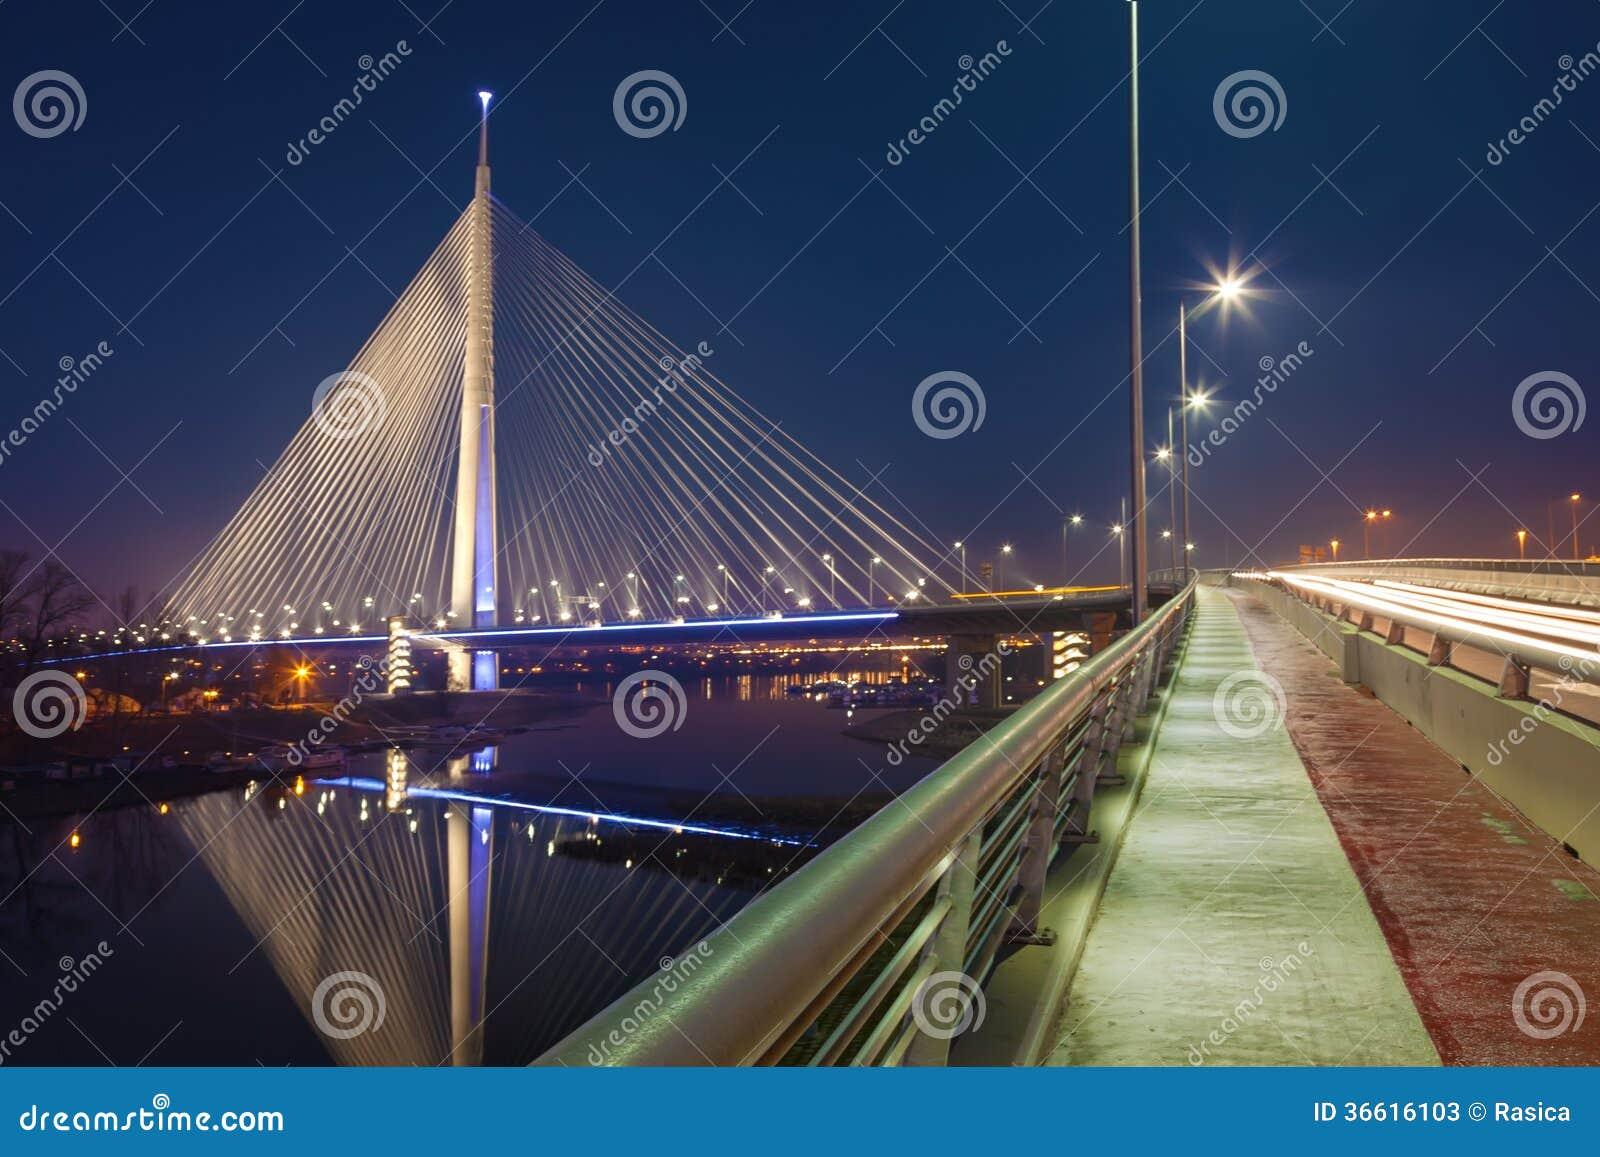 Grootste brug met één pyloon